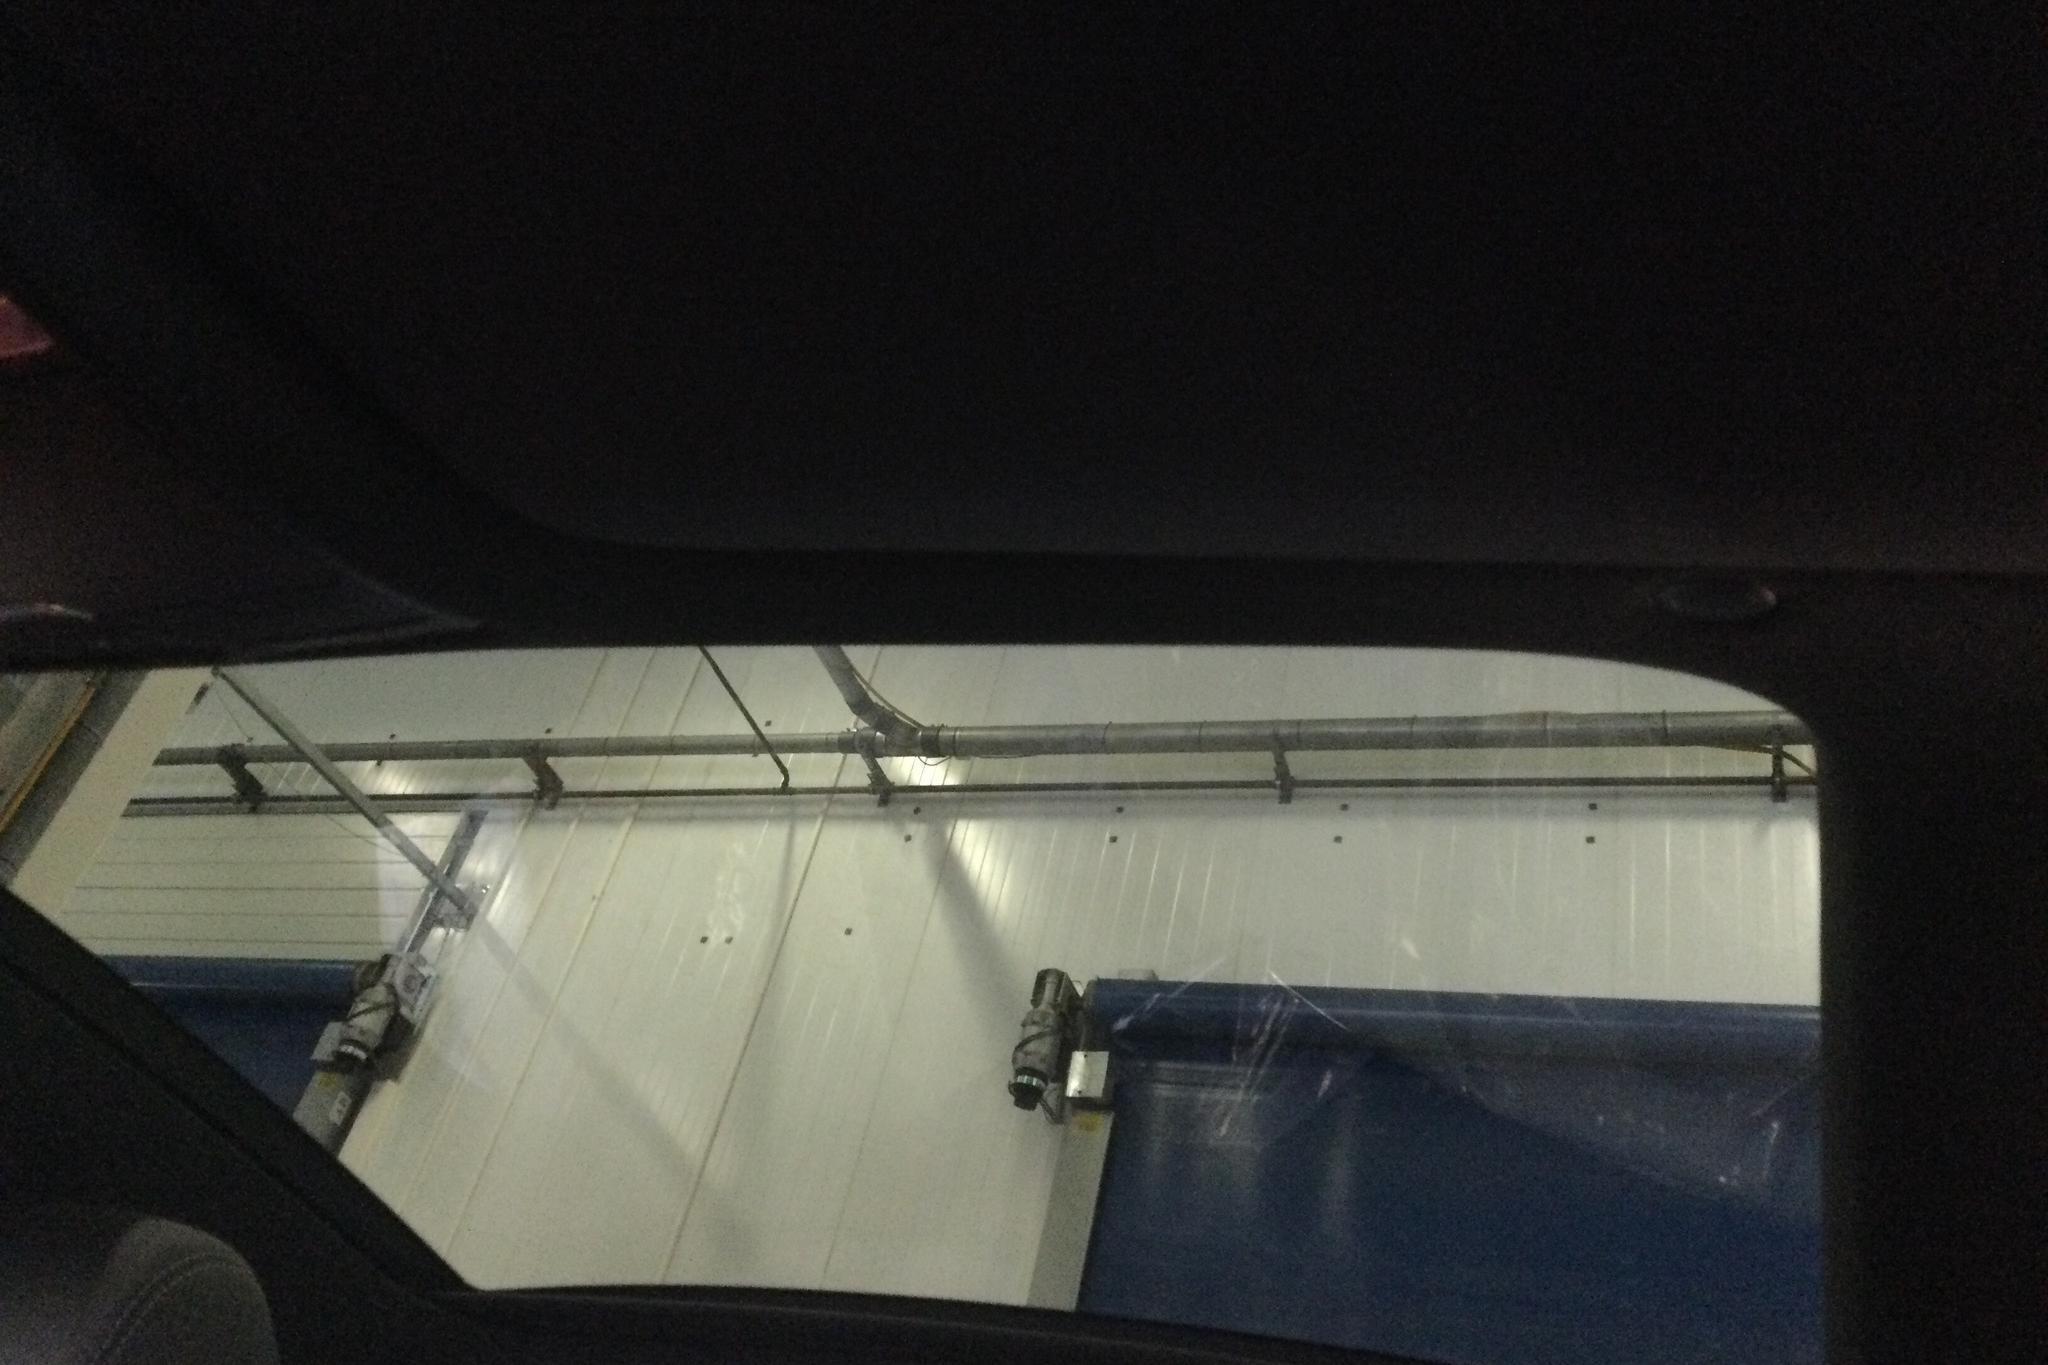 Mercedes E 400 4MATIC Coupé C238 (333hk) - 3 952 mil - Automat - vit - 2017